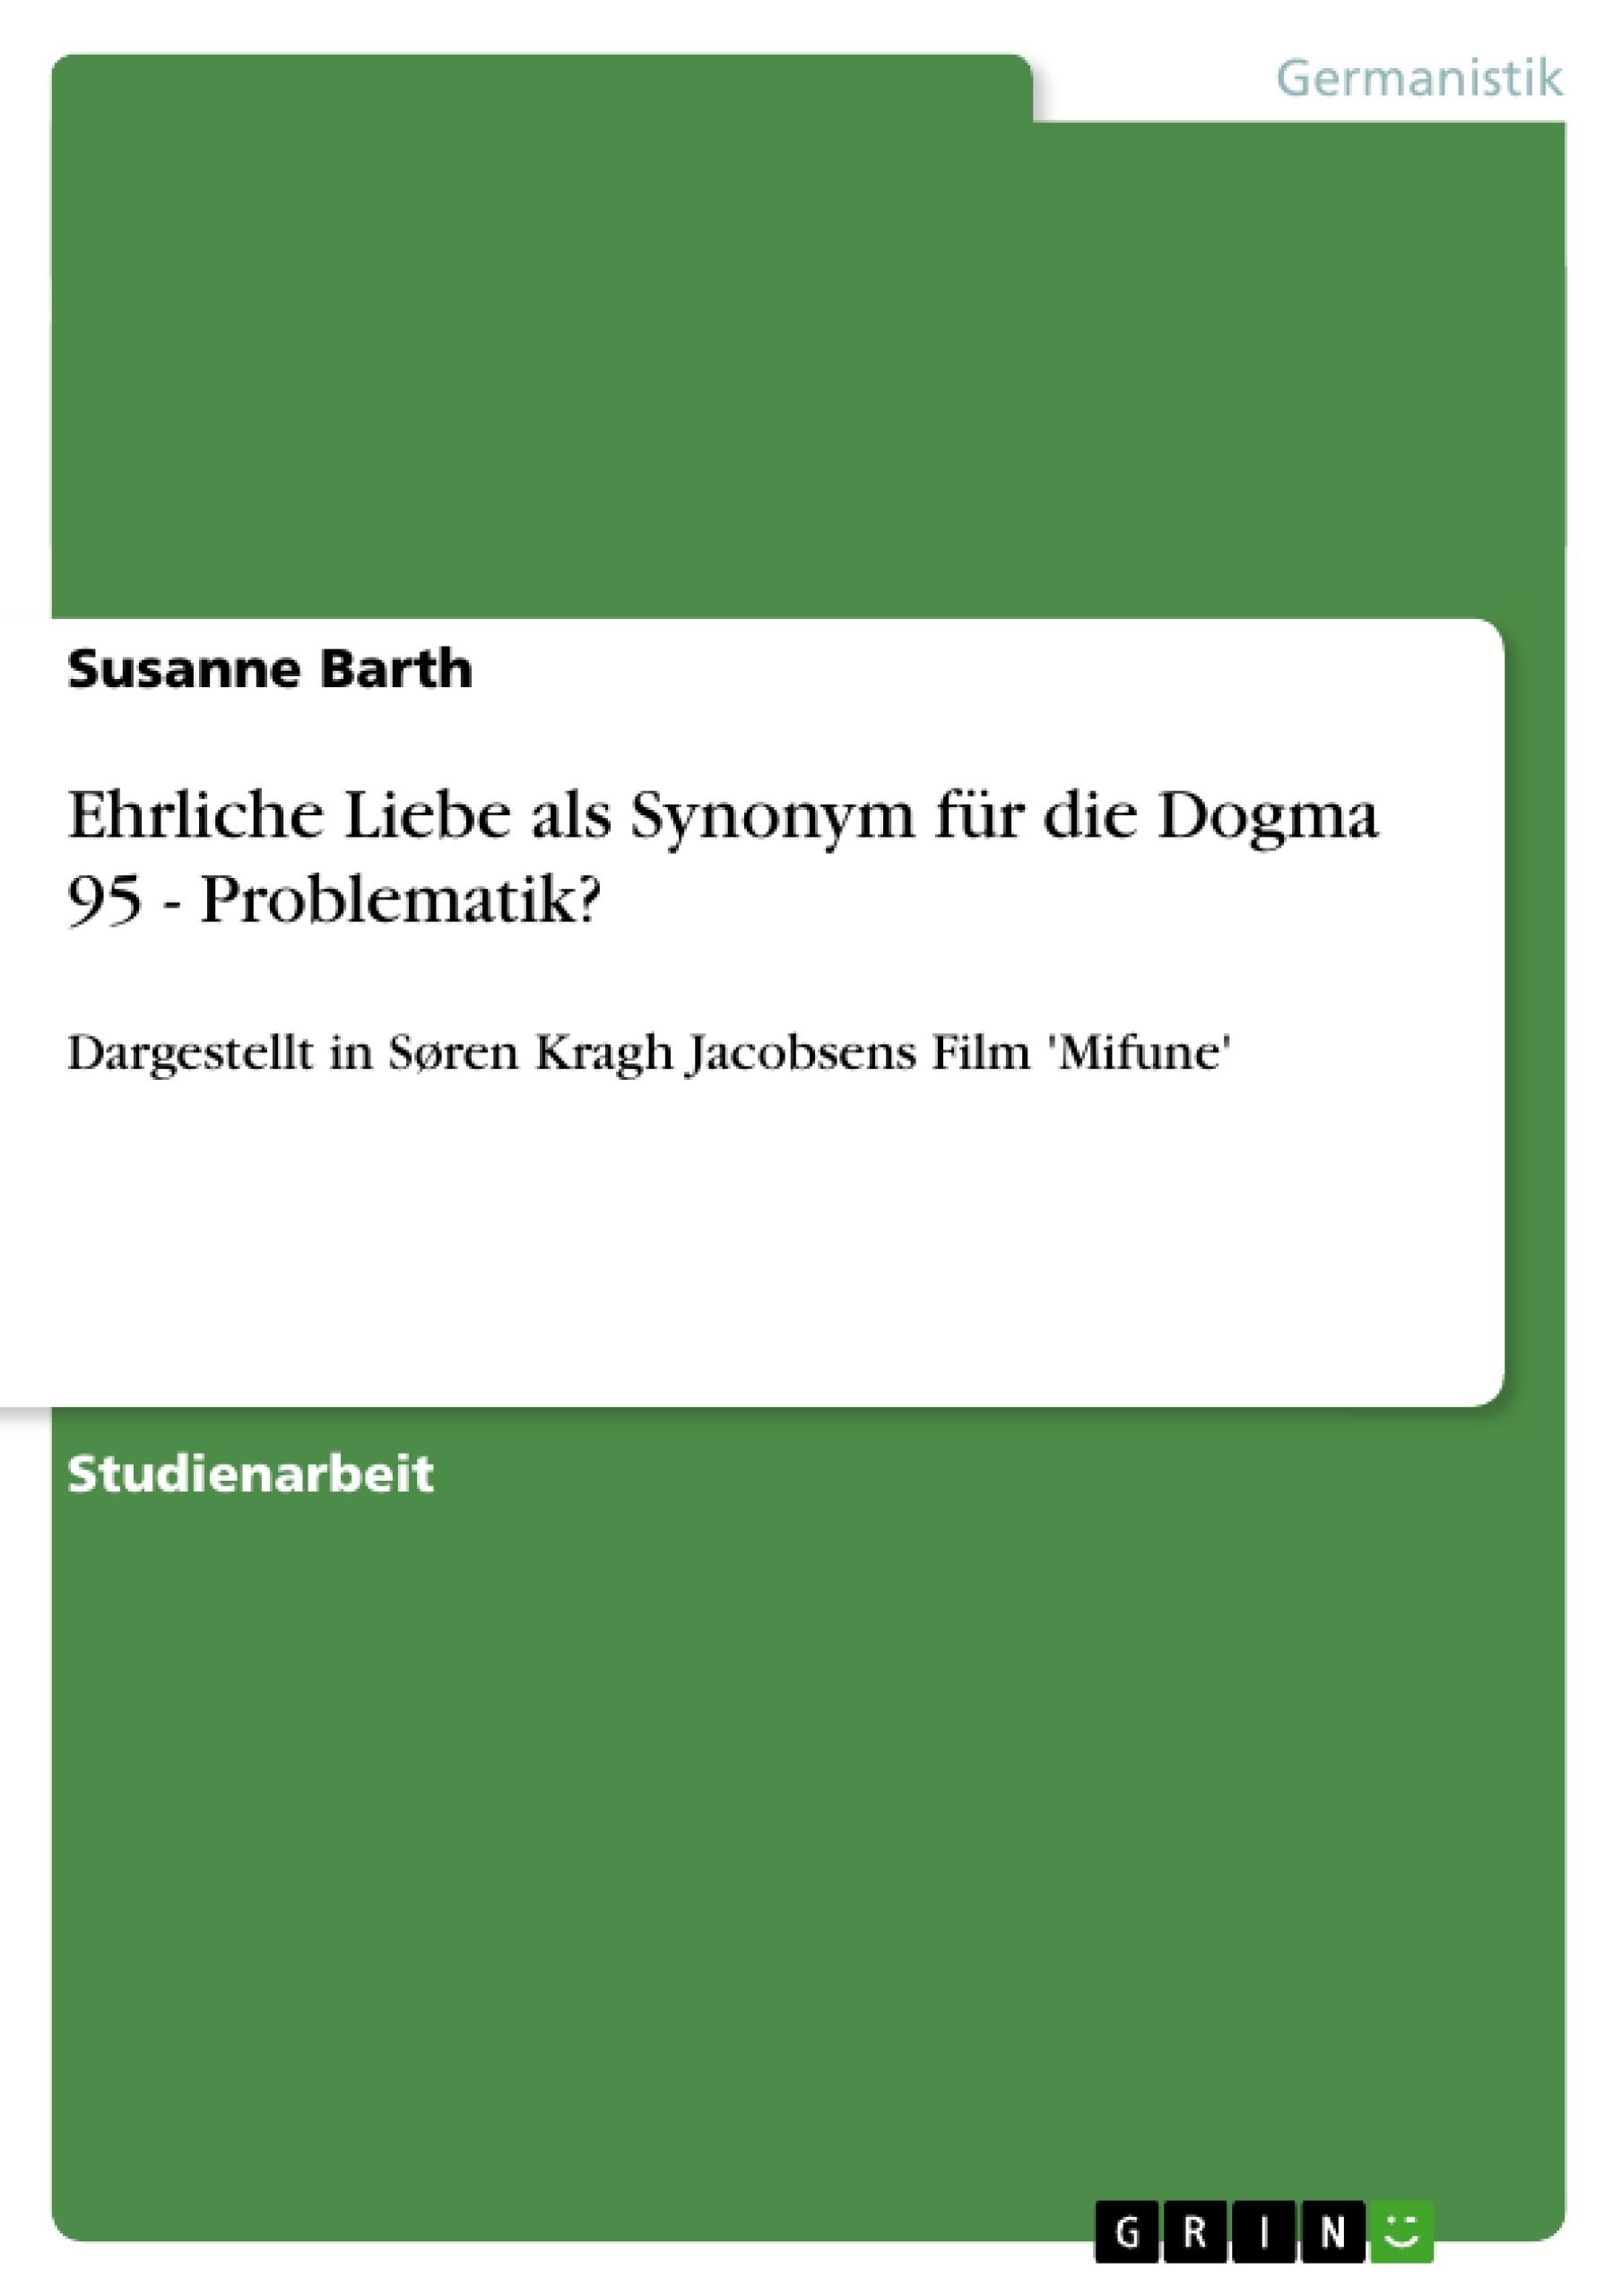 Titel: Ehrliche Liebe als Synonym für die Dogma 95 - Problematik?